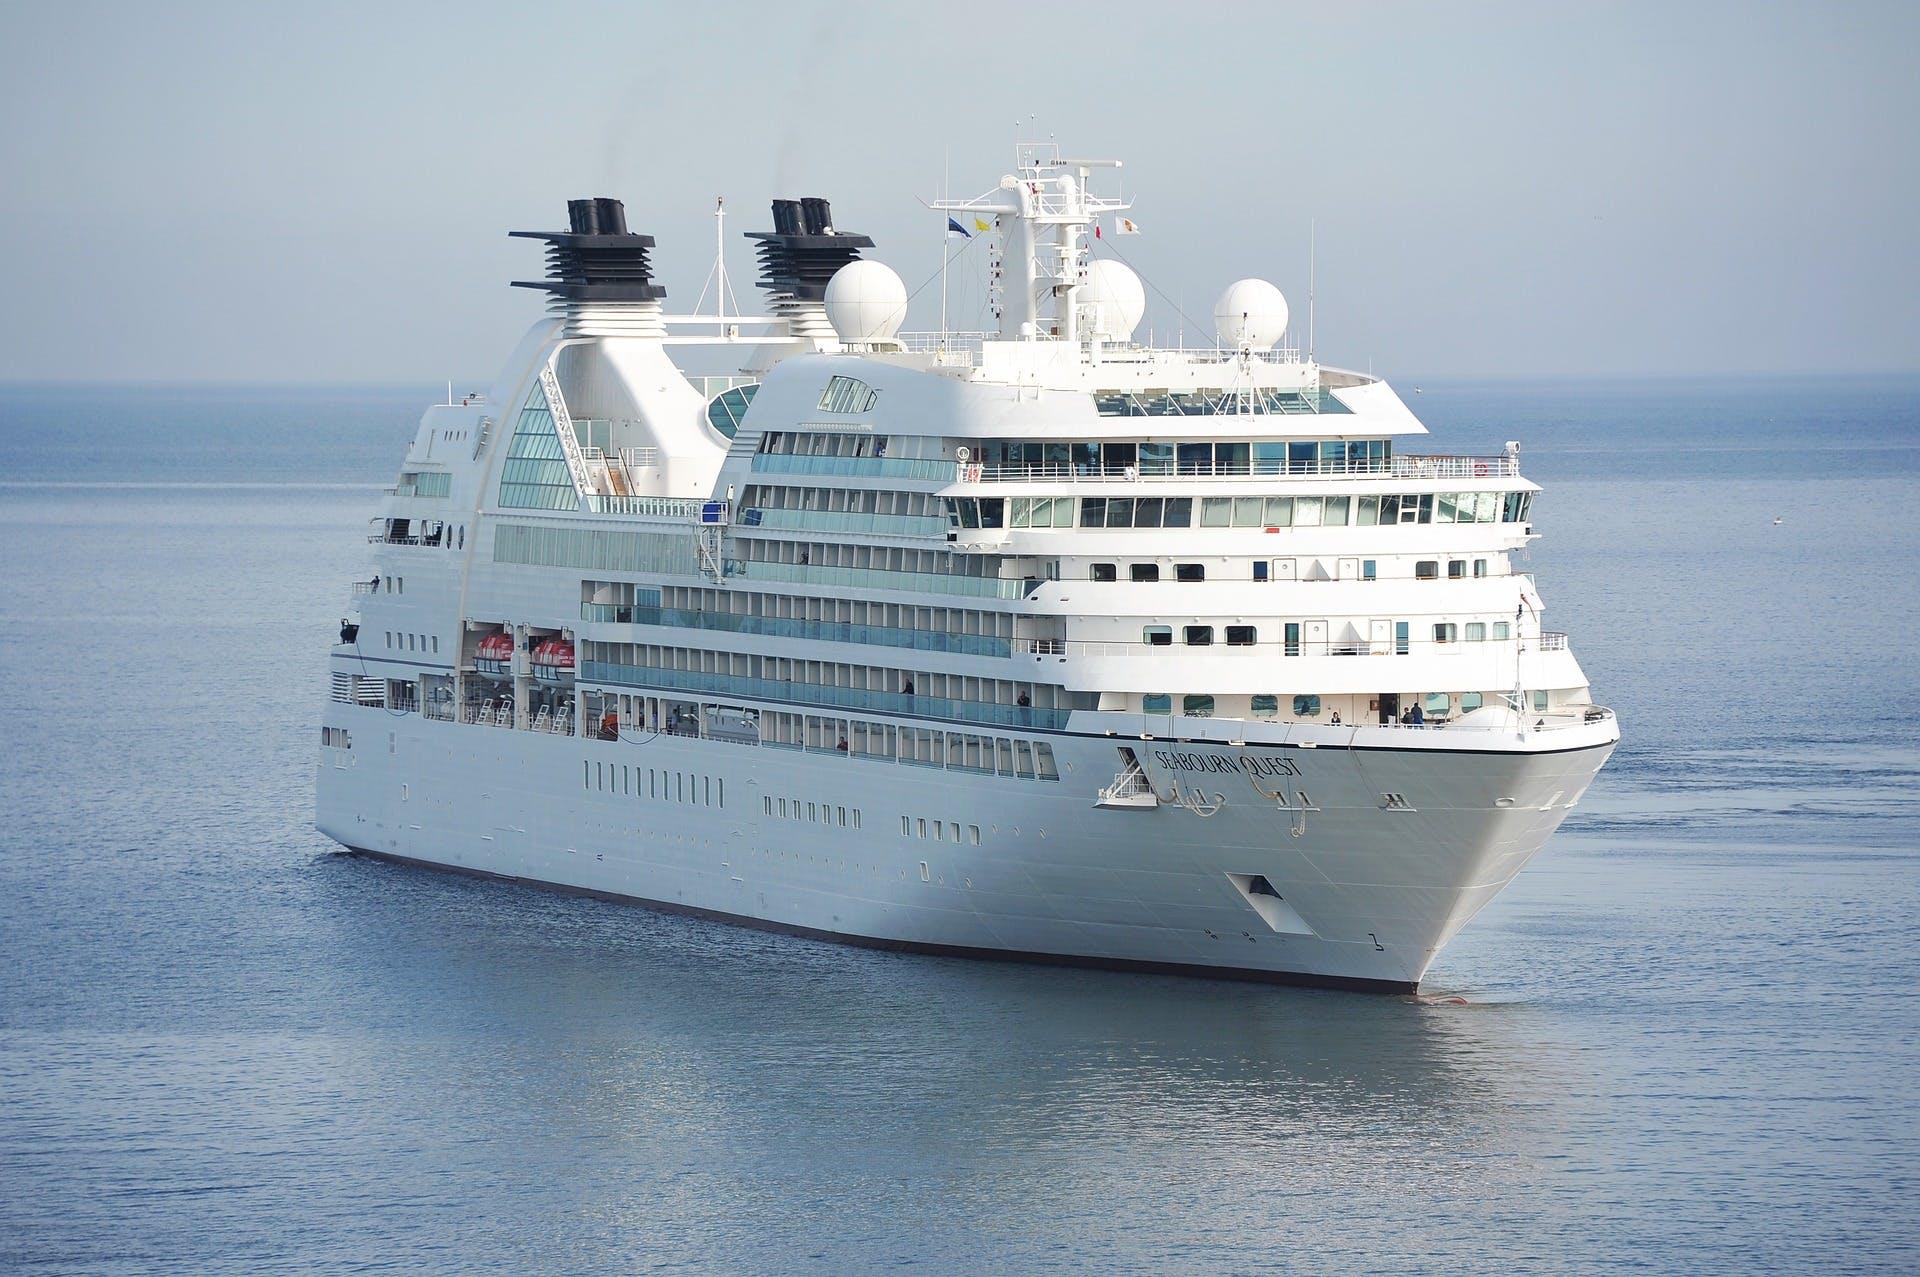 cruzeiro em alto mar